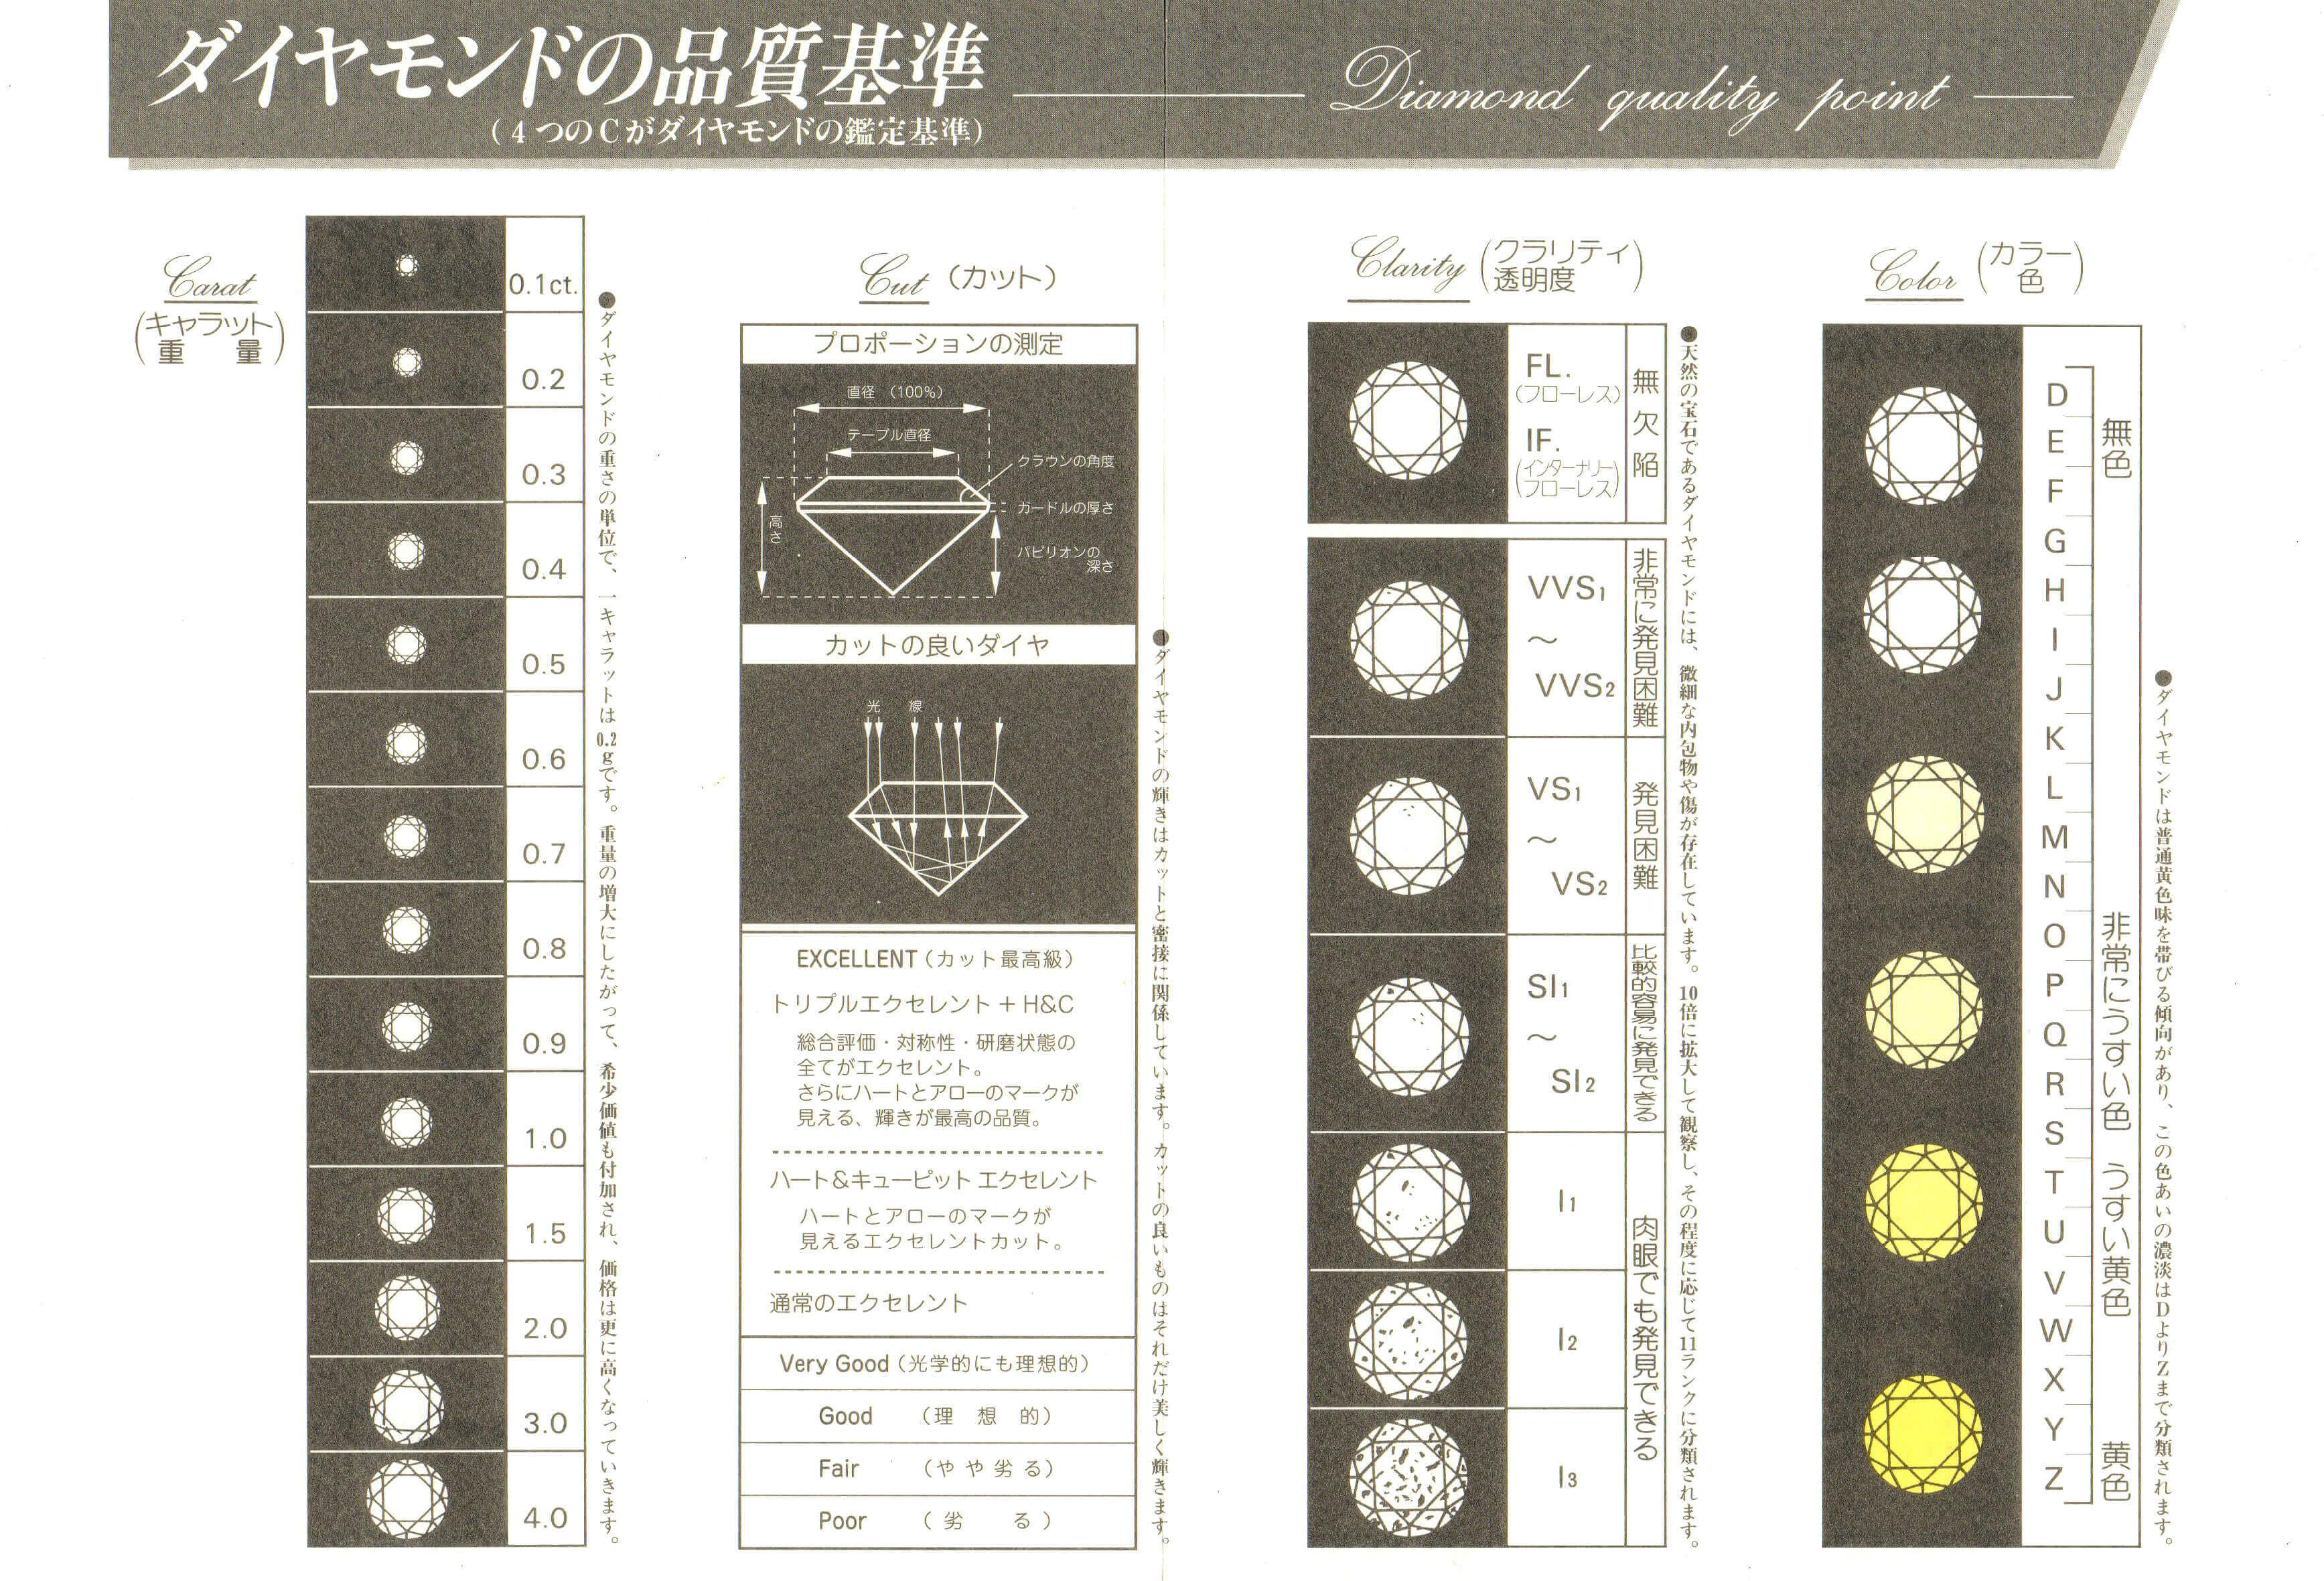 ダイヤモンド   ダイヤモンド4C品質基準表   かざりやゆい   世界に一つだけの結婚指輪「kazariya Yui」   福島県郡山市